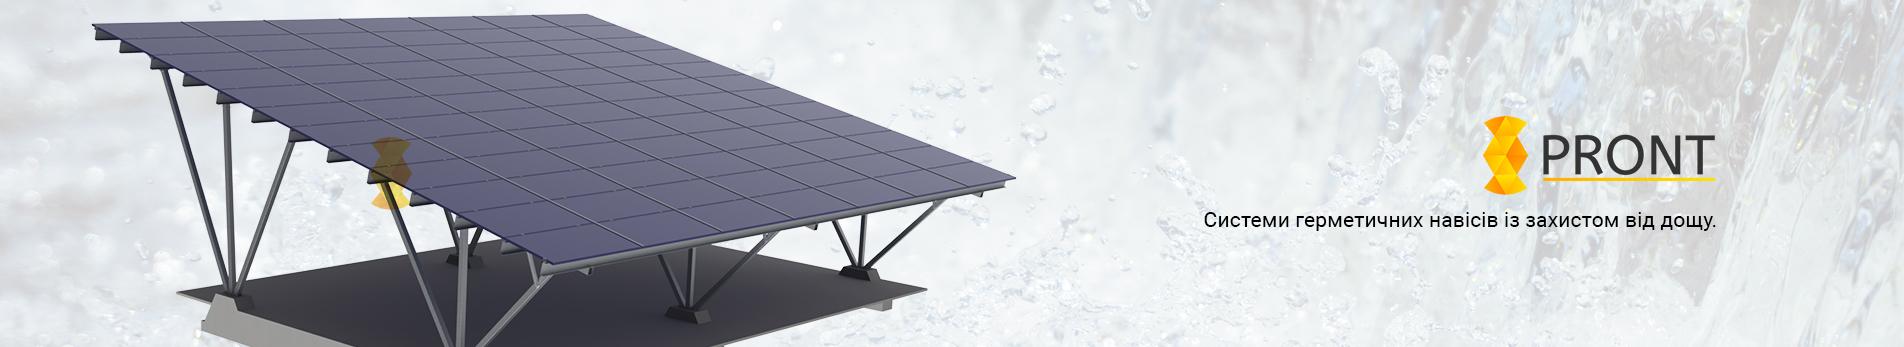 Приклад використання сонячних панелей для непротікаючого навісу, навіс із сонячних панелей для автомобіля